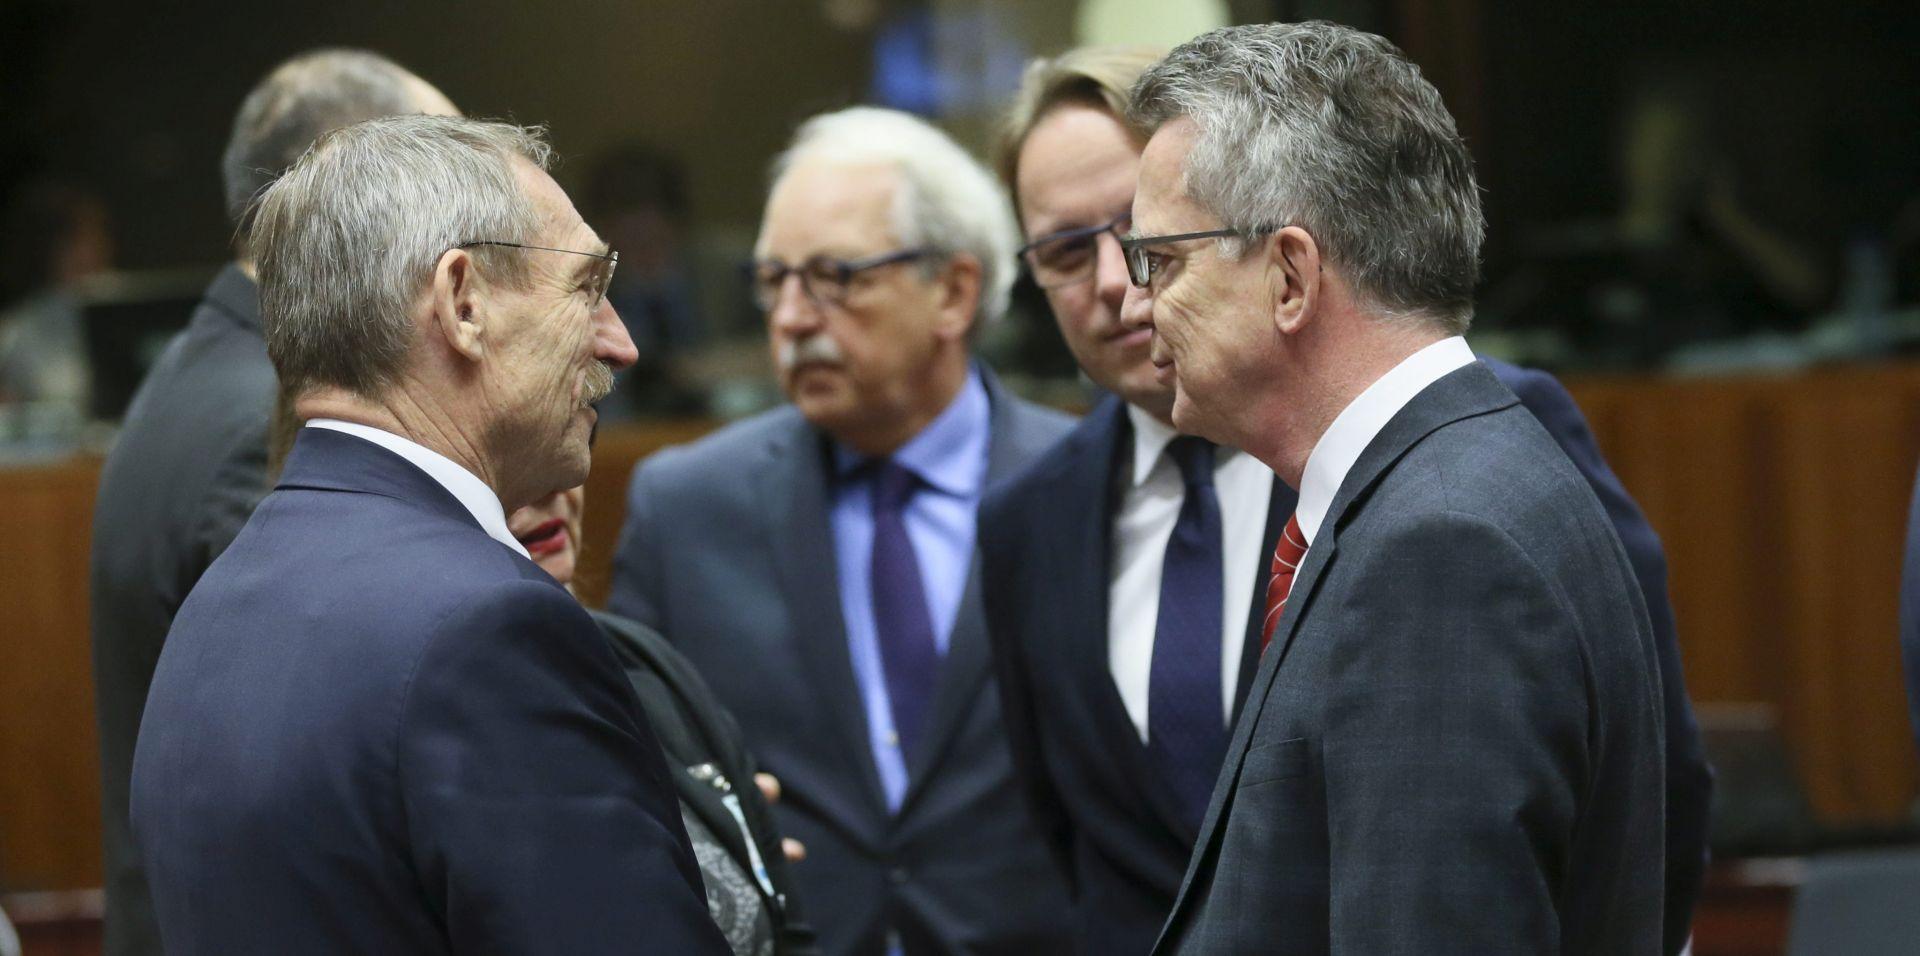 Ministri unutarnjih poslova EU-a bez dogovora o imigraciji